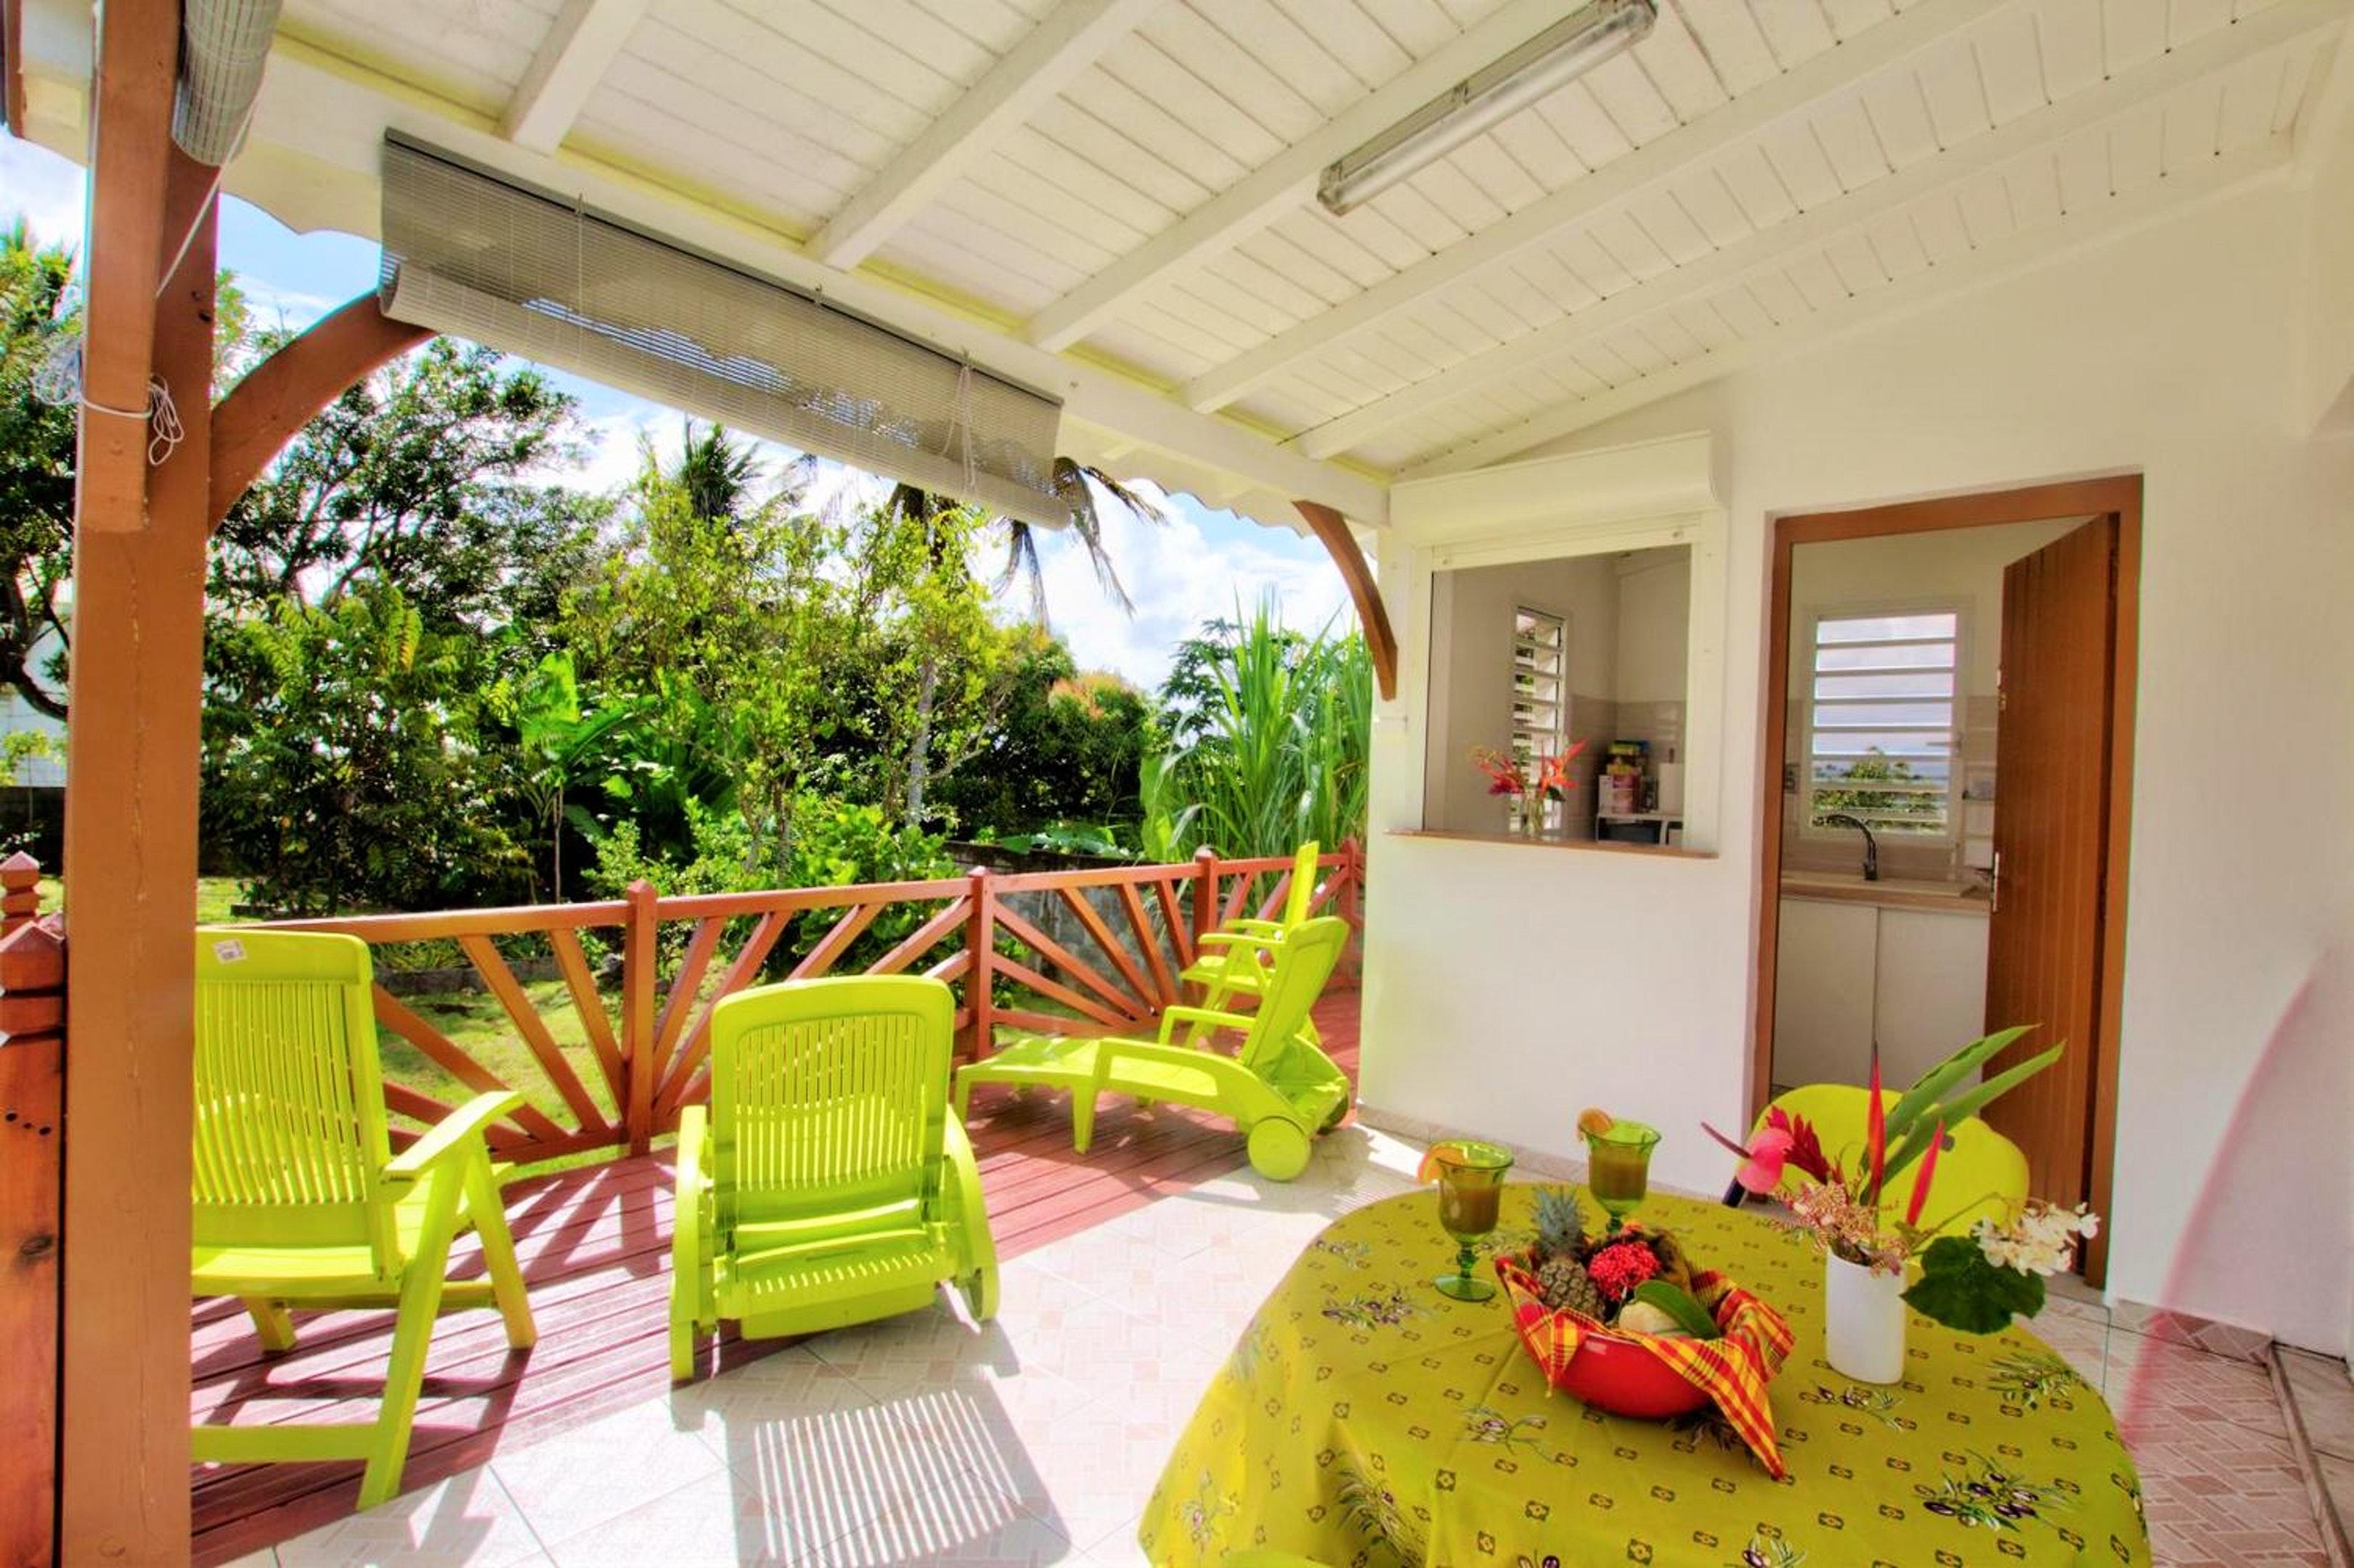 Studio in Petit-Bourg mit toller Aussicht auf die  Ferienwohnung in Guadeloupe